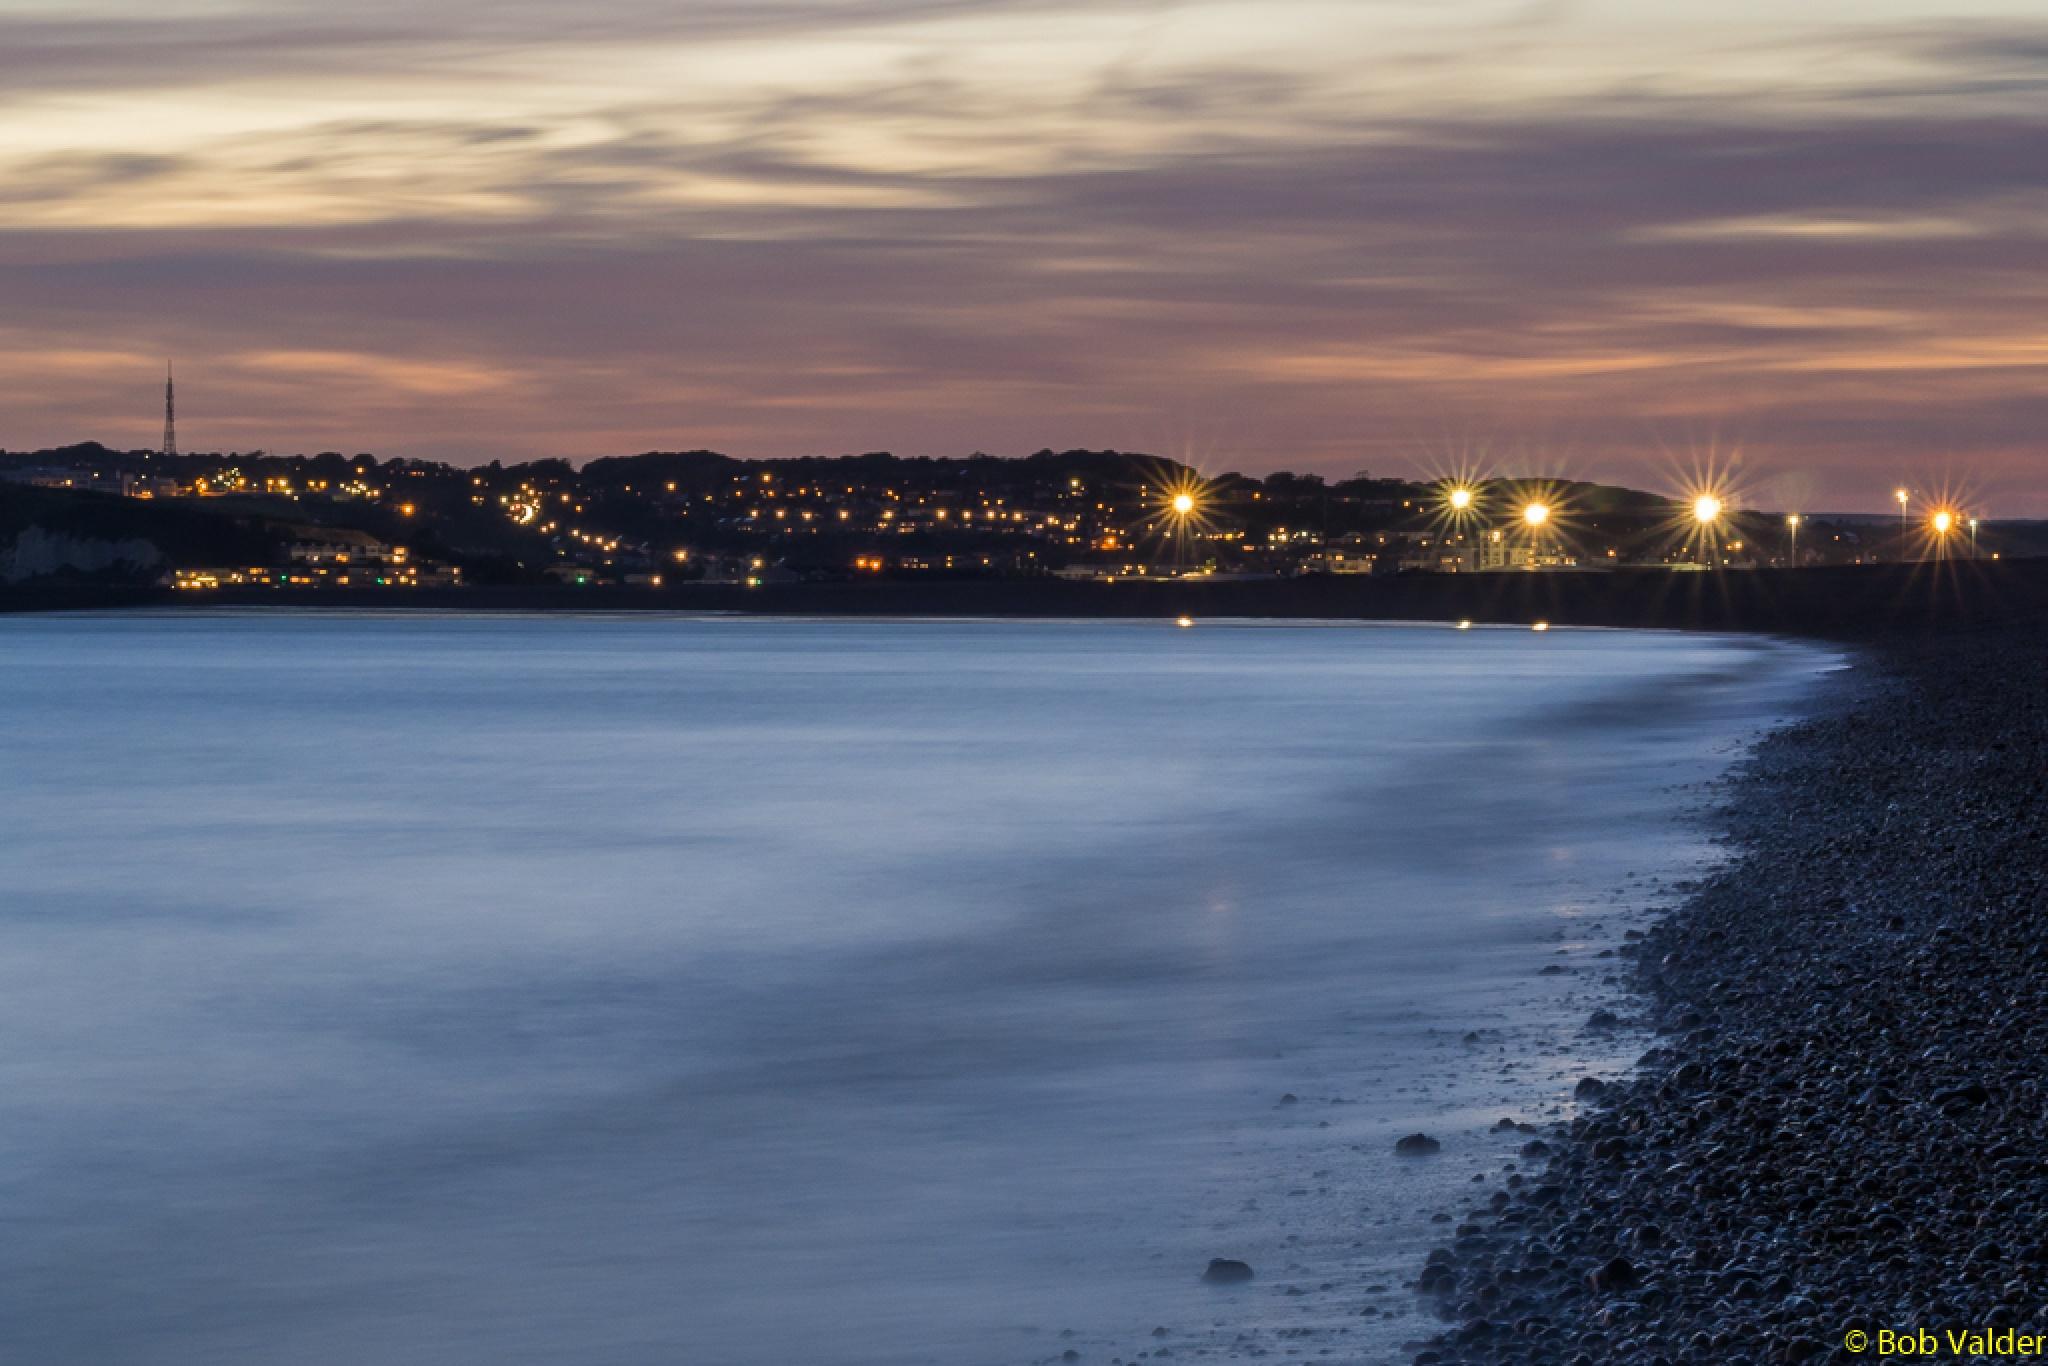 Dusk in the Bay by BobbyV